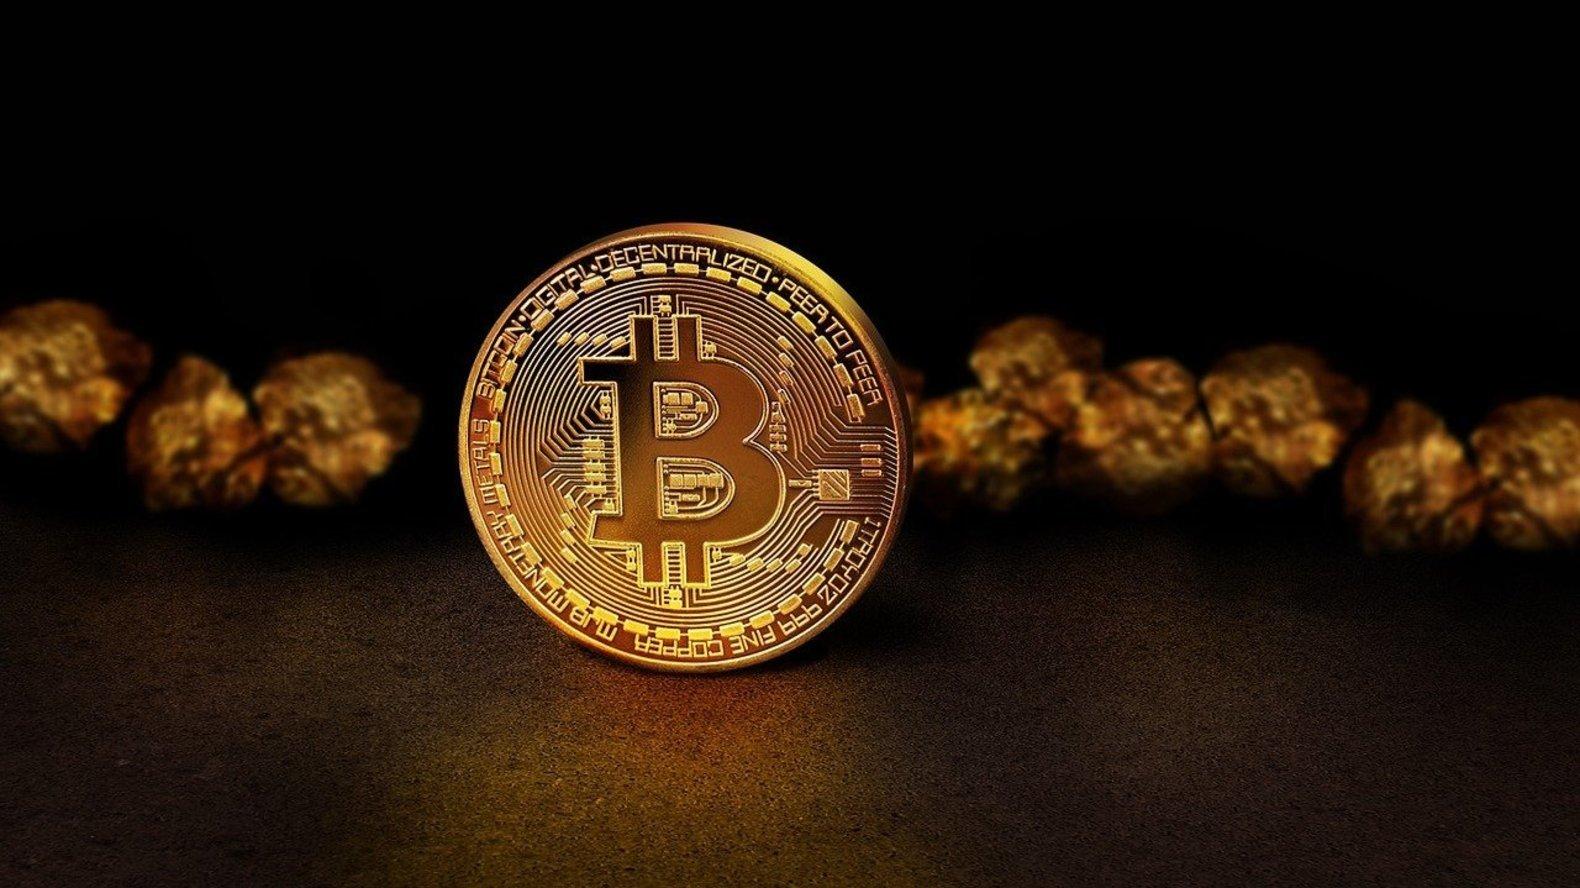 摩根大通分析师表示比特币可能会吞噬黄金市场多年